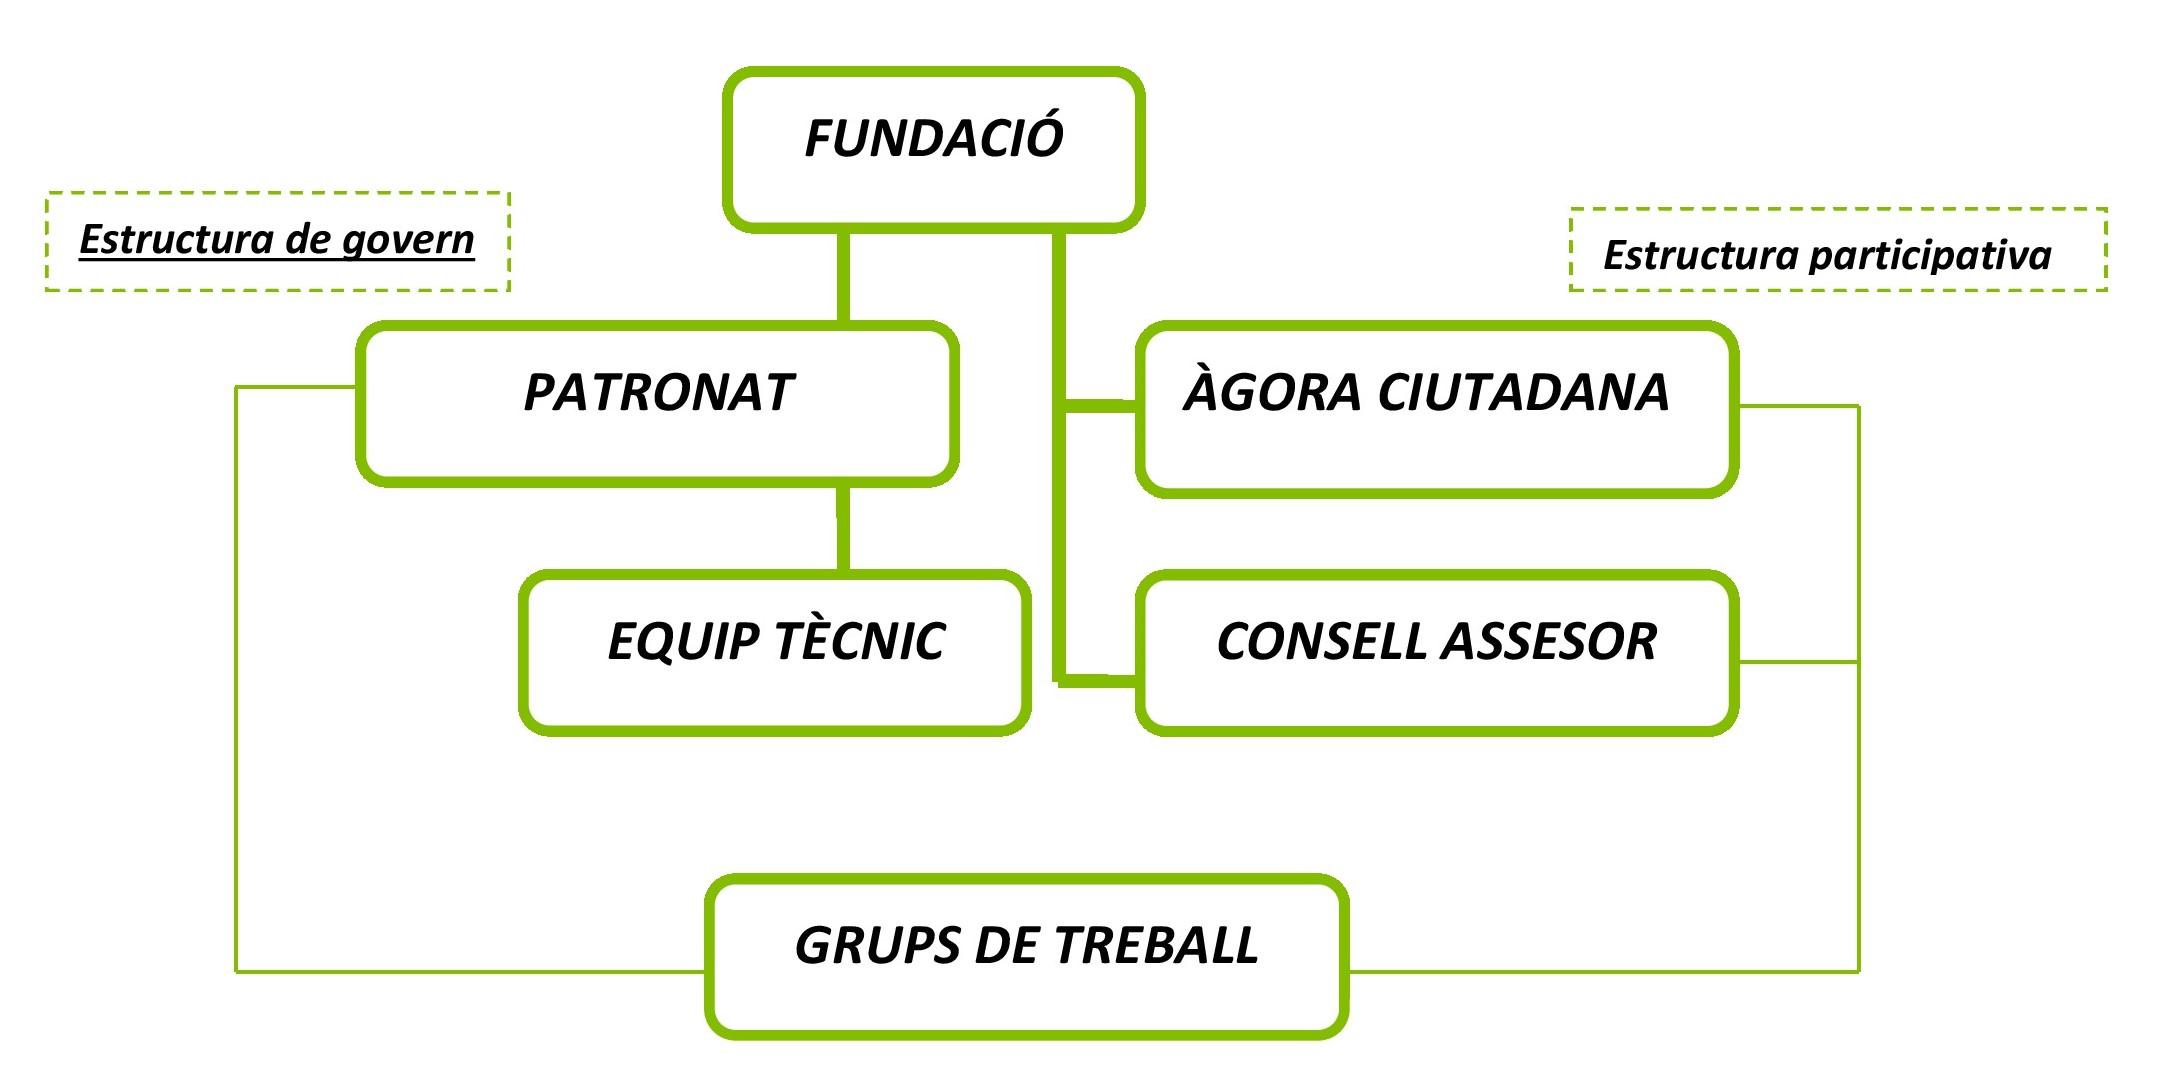 organigrama_fundacio_cat